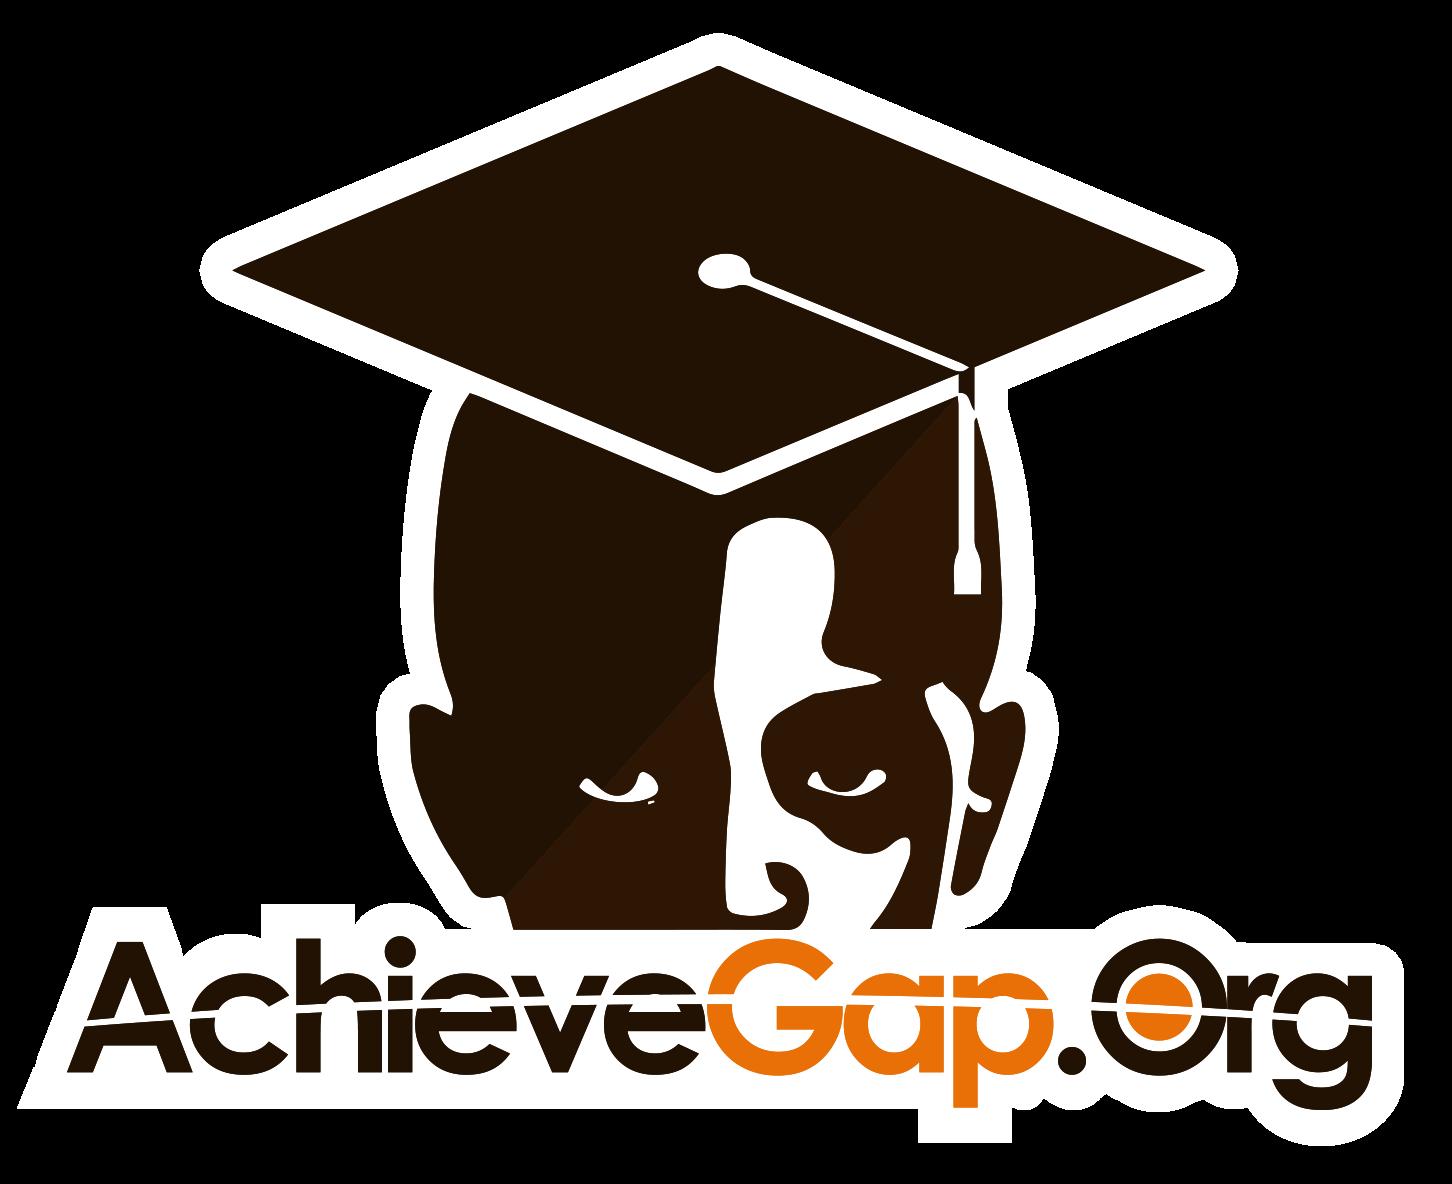 AchieveGap.Org